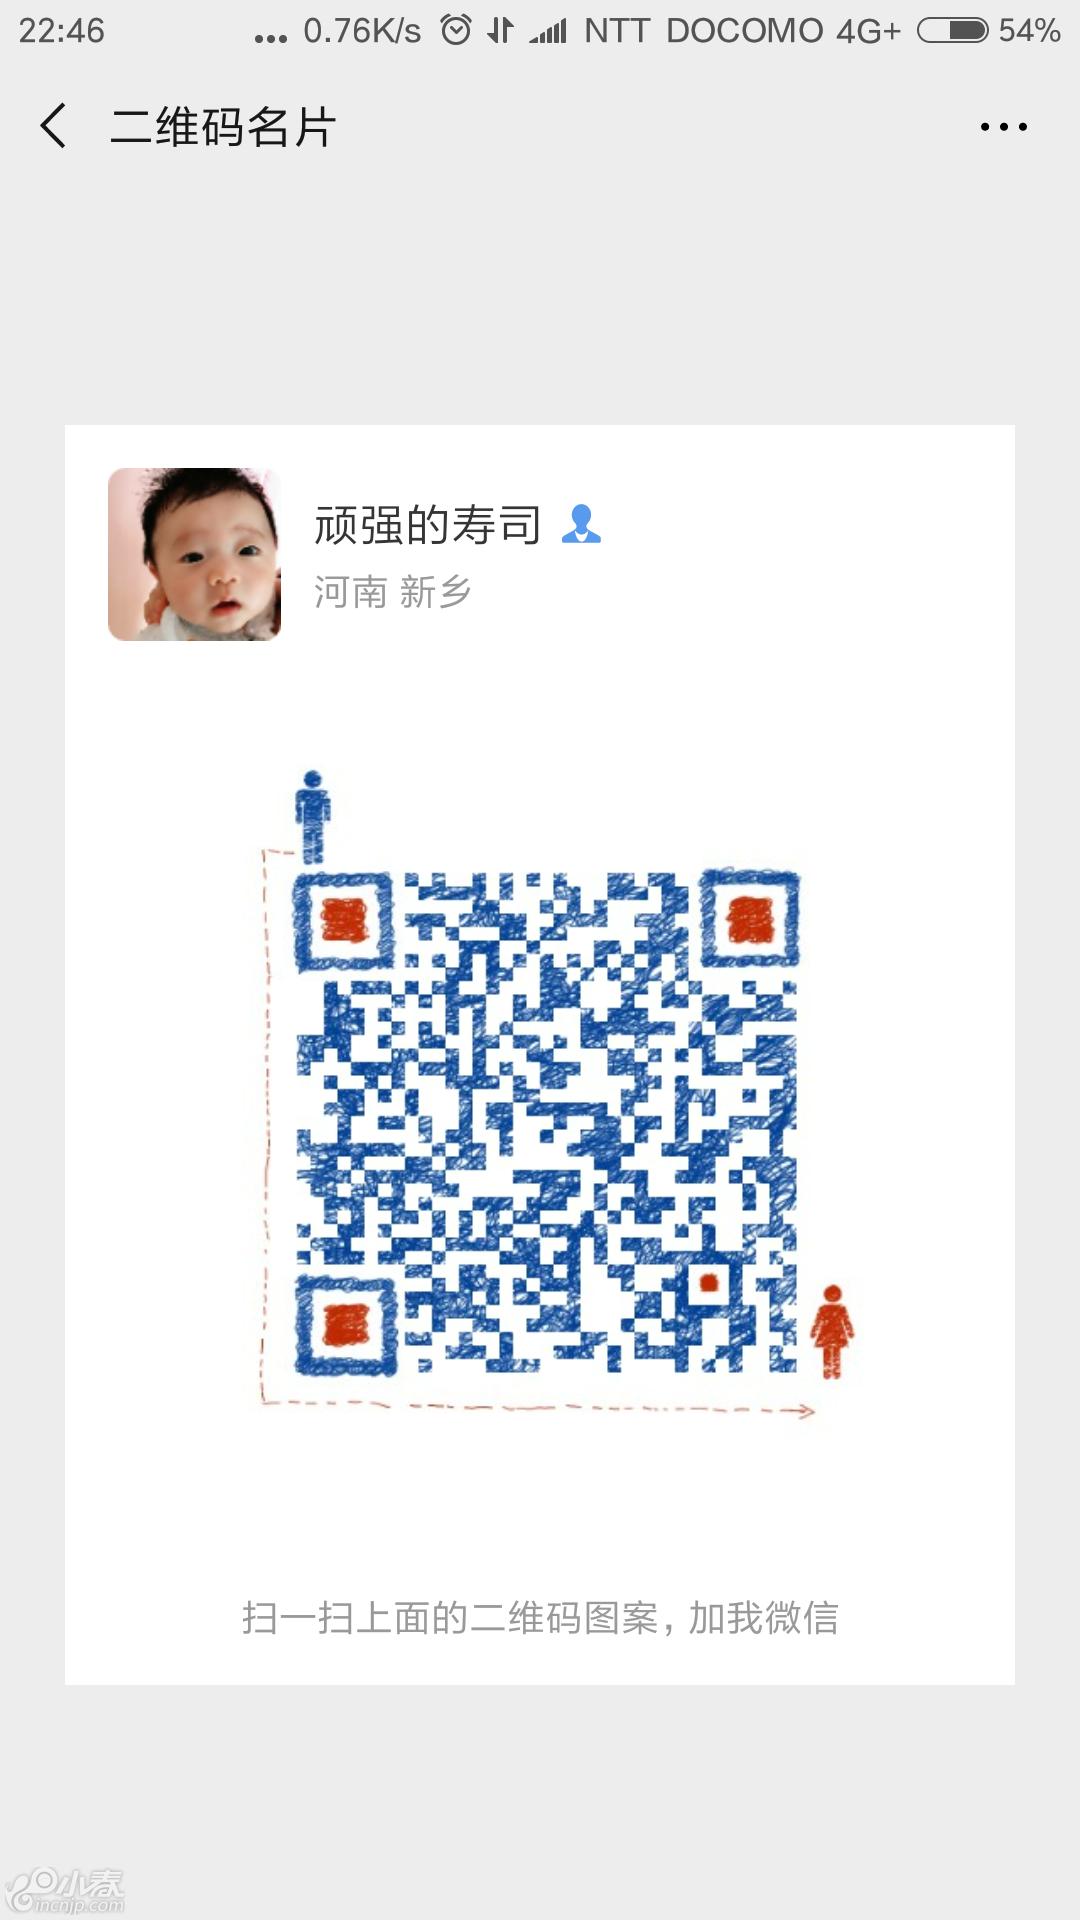 Screenshot_2019-05-12-22-46-30-034_com.tencent.mm.png